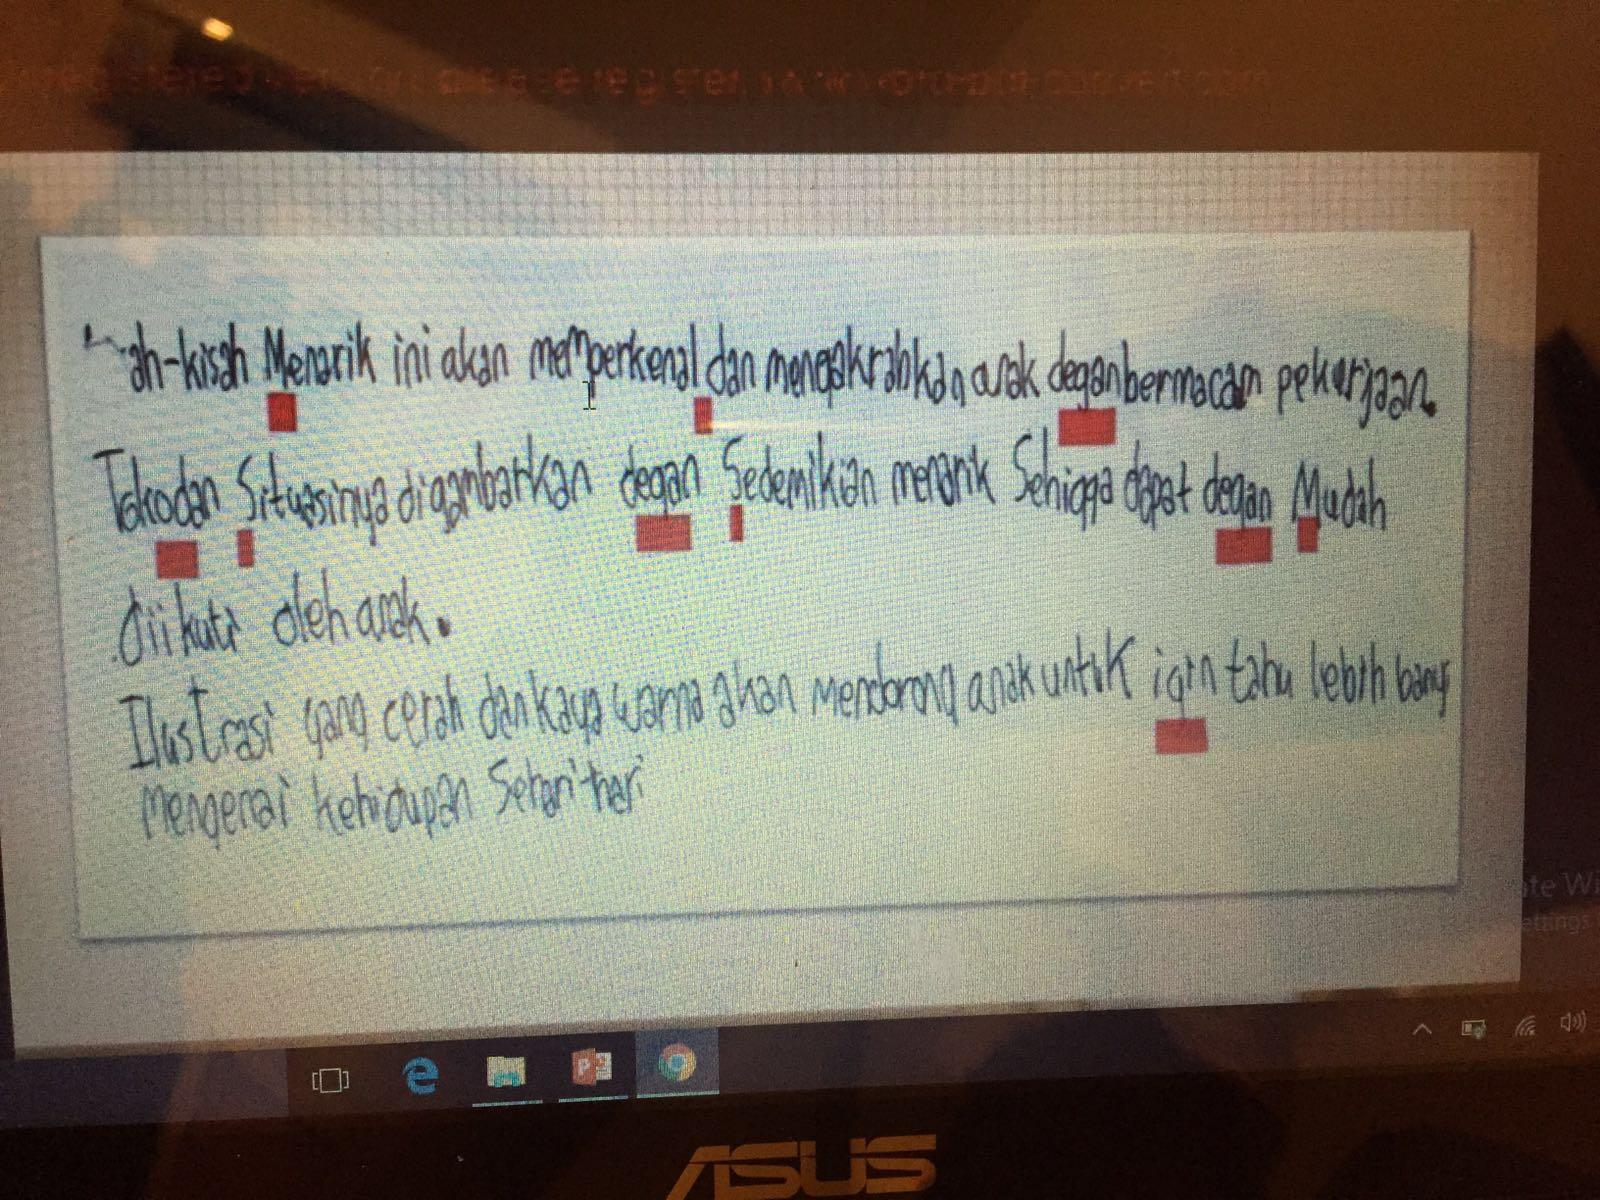 mulai melatih dg mengenalkan huruf suku kata lalu berlanjut dg 2 suku kata dst 🌼 menggunakan metode dikte 🌼 ajak anak utk membaca suatu wacana kmd